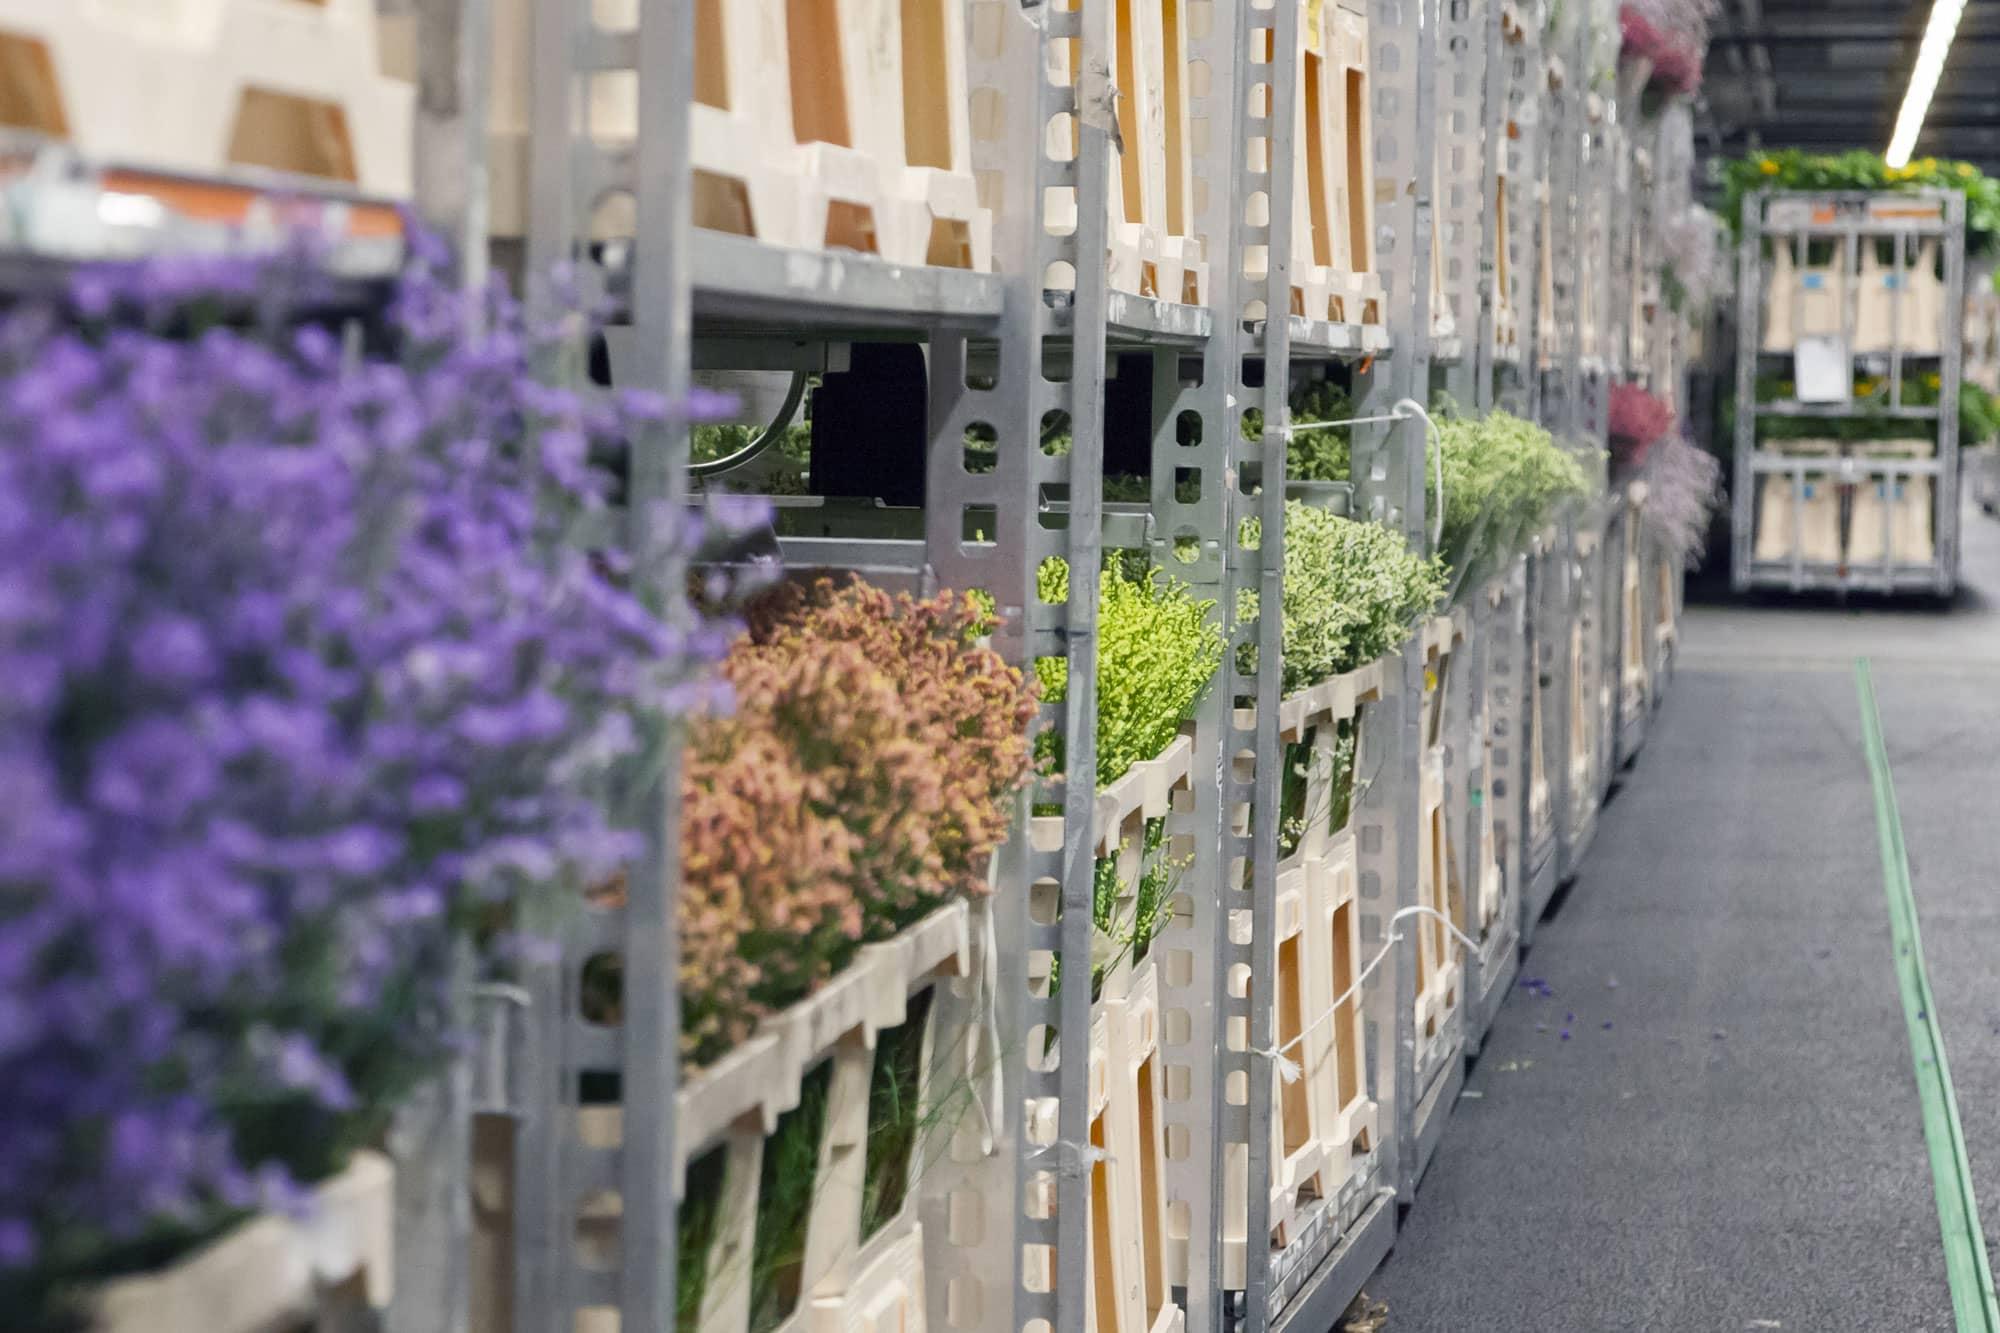 Subasta de flores Aalsmeer Holanda - Países Bajos